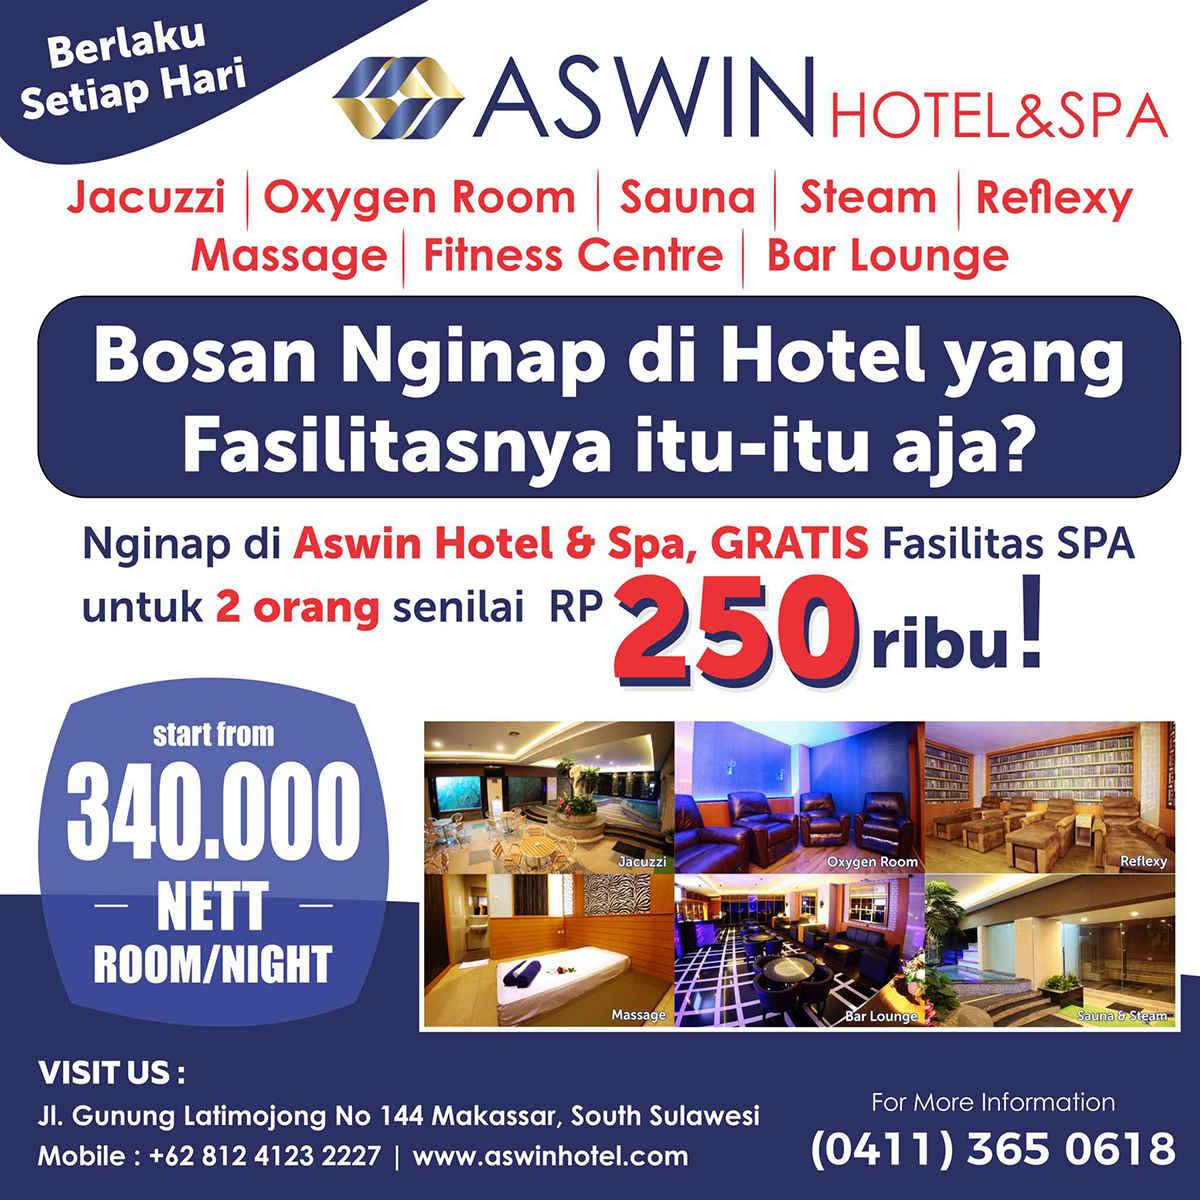 Booking Kamar GRATIS Penggunaan Fasilitas SPA untuk 2 Orang Senilai Rp 250.000,- (Berlaku Setiap Hari)